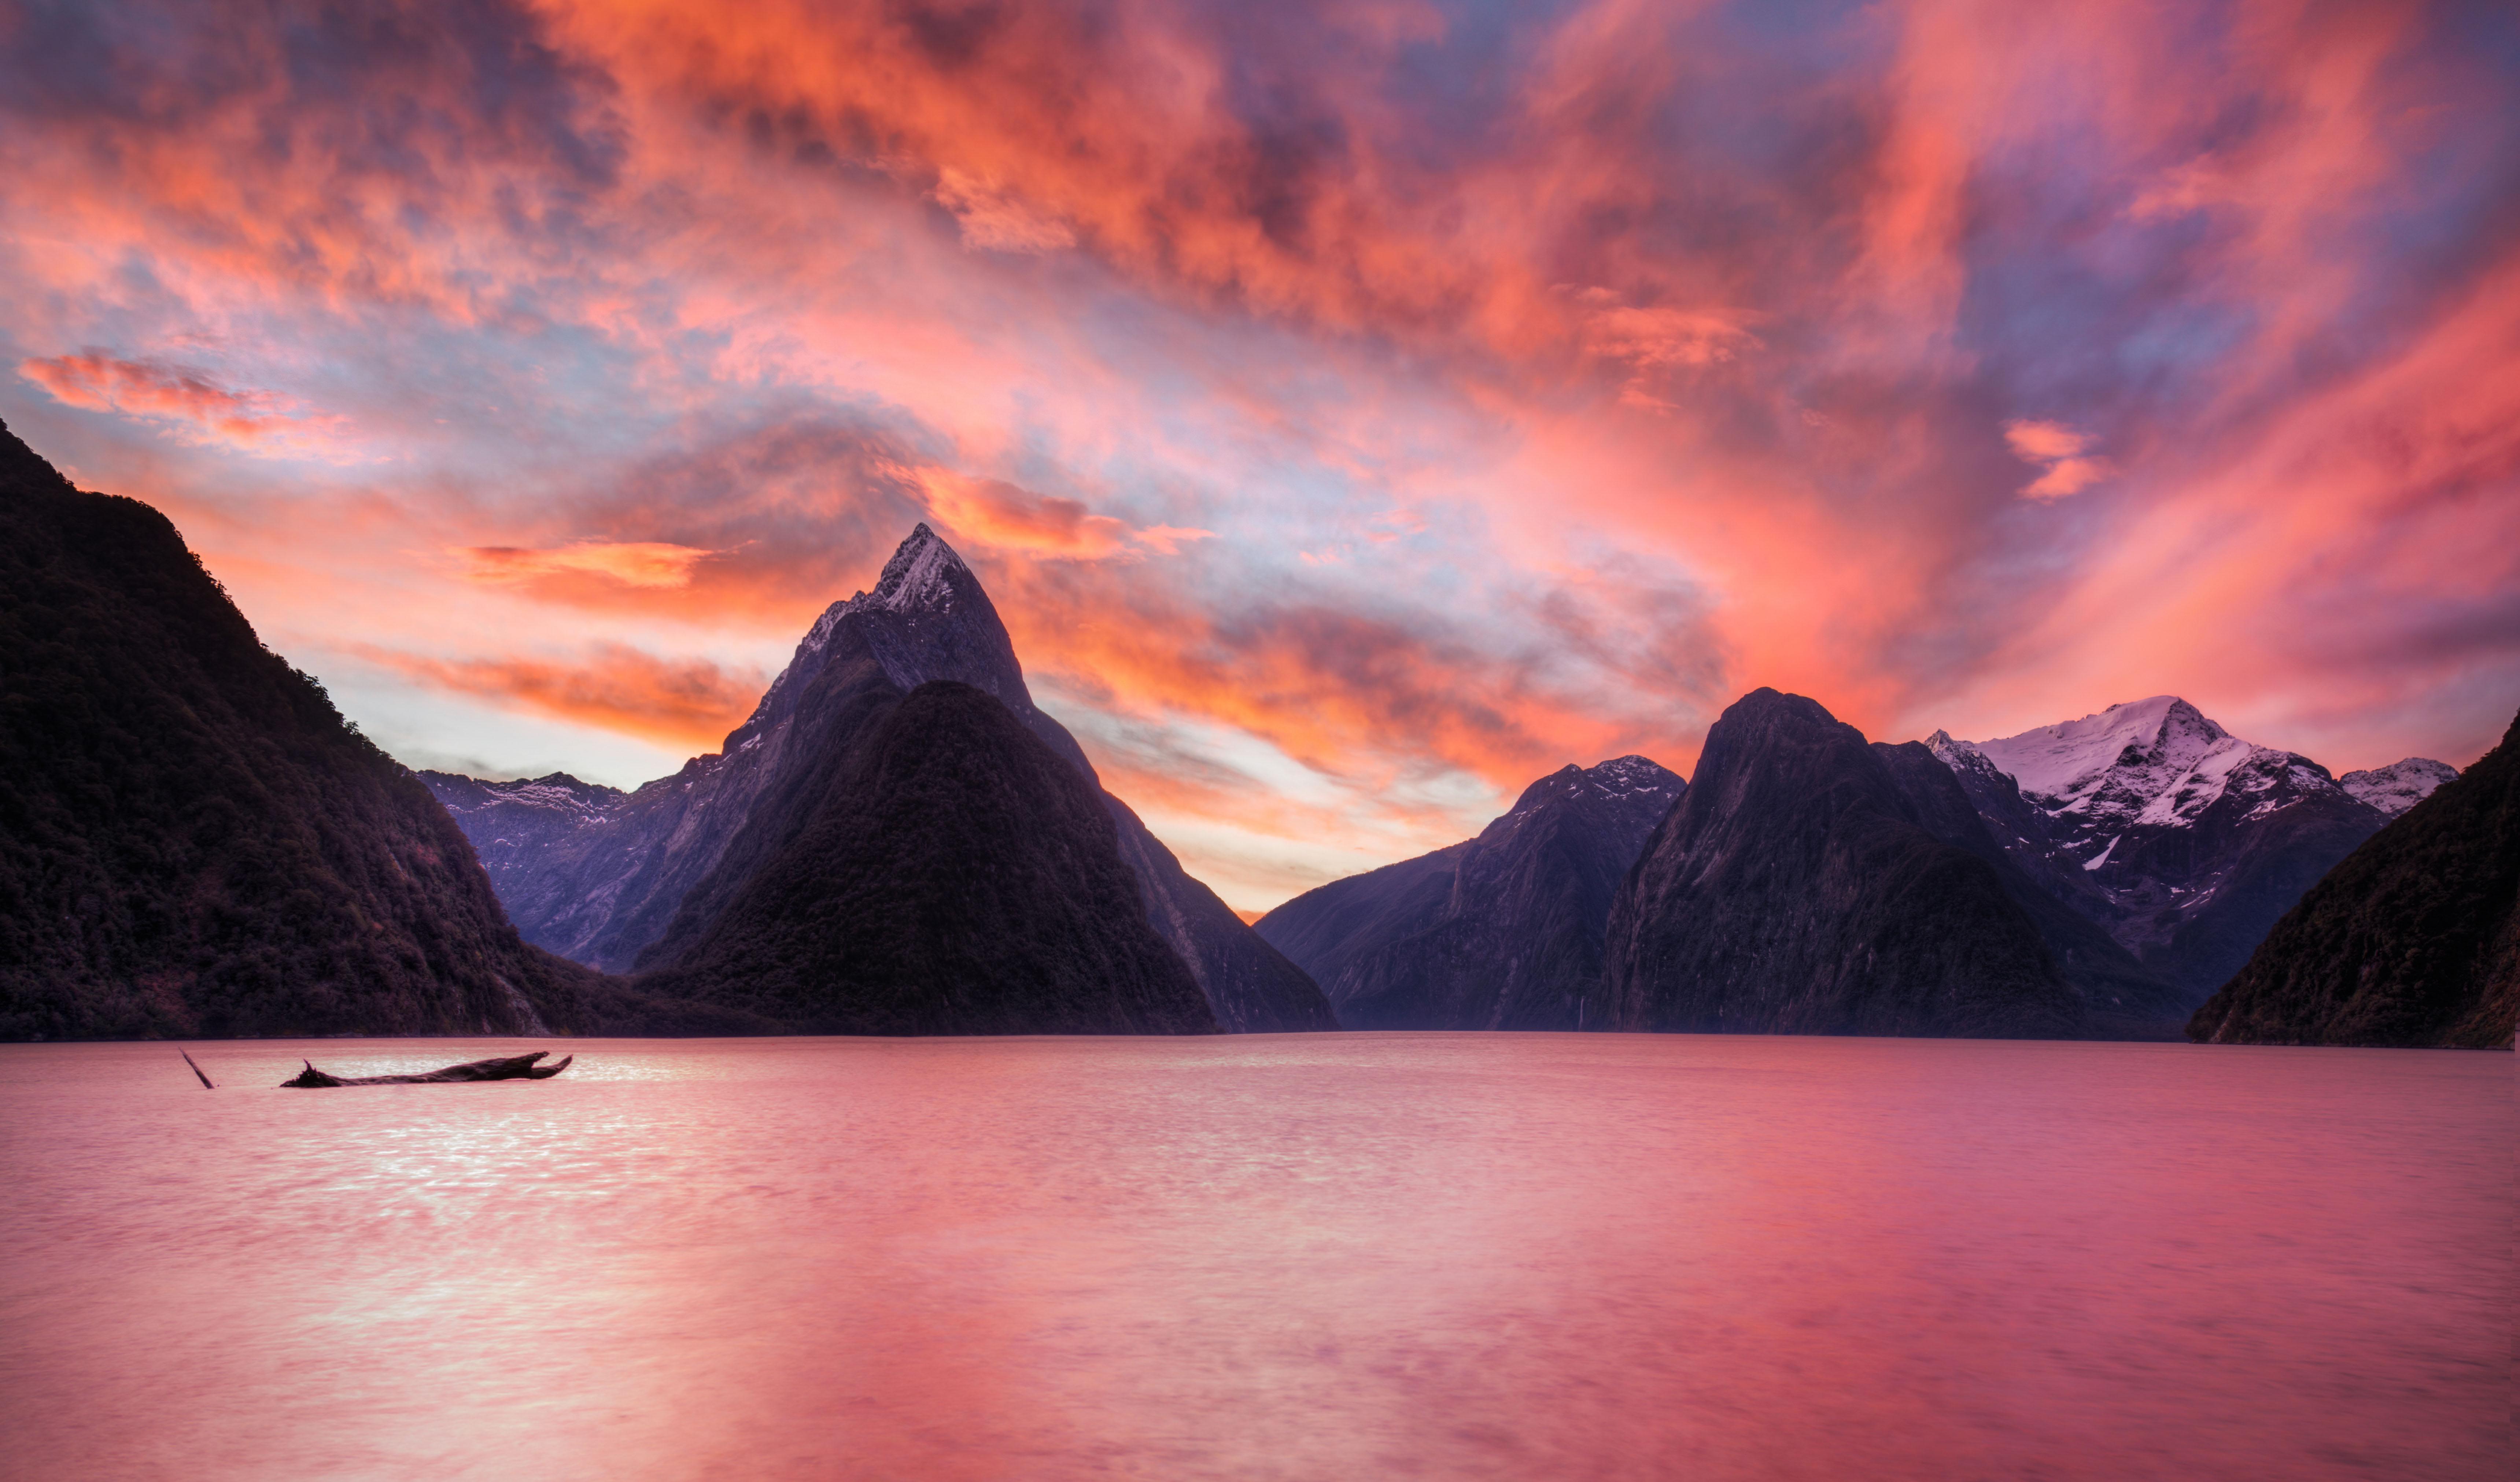 Fondos de pantalla Milford Sound en Nueva Zelanda